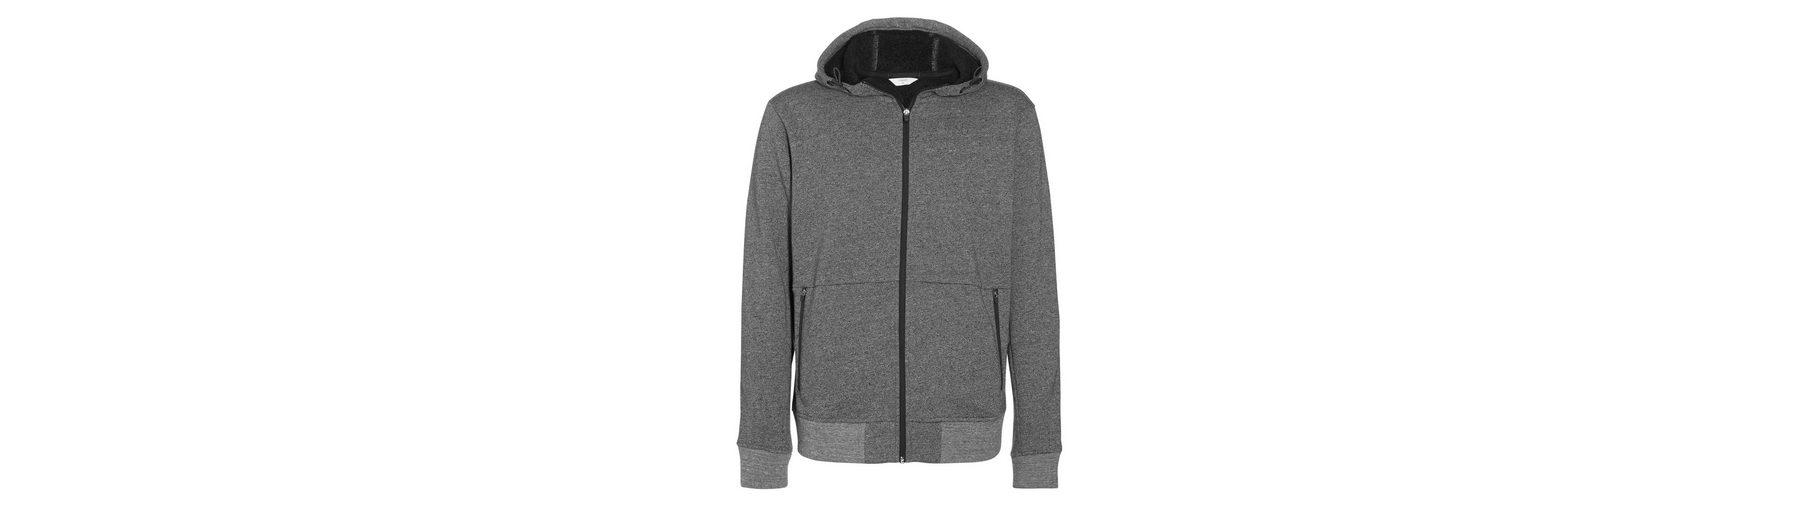 Next Kapuzensweatjacke mit Fleece-Futter Zum Verkauf Online-Shop Günstig Kaufen Shop Billig Verkauf Mit Paypal JE6qqWb